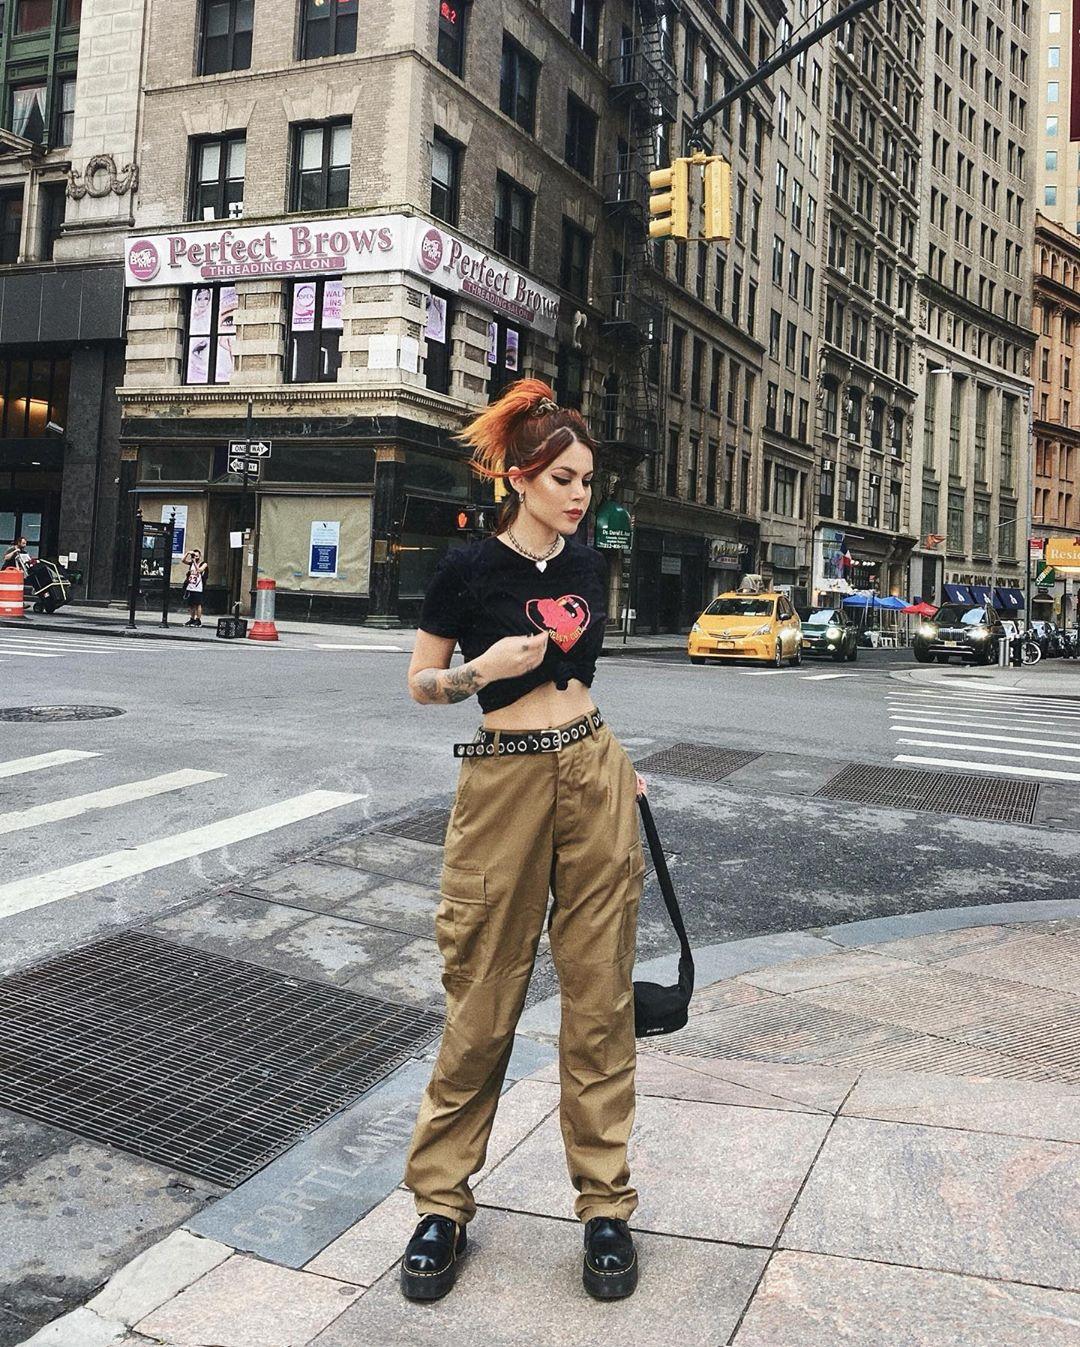 quần kaki cargo phối cùng áo croptop mang phong cách grunge aesthetic